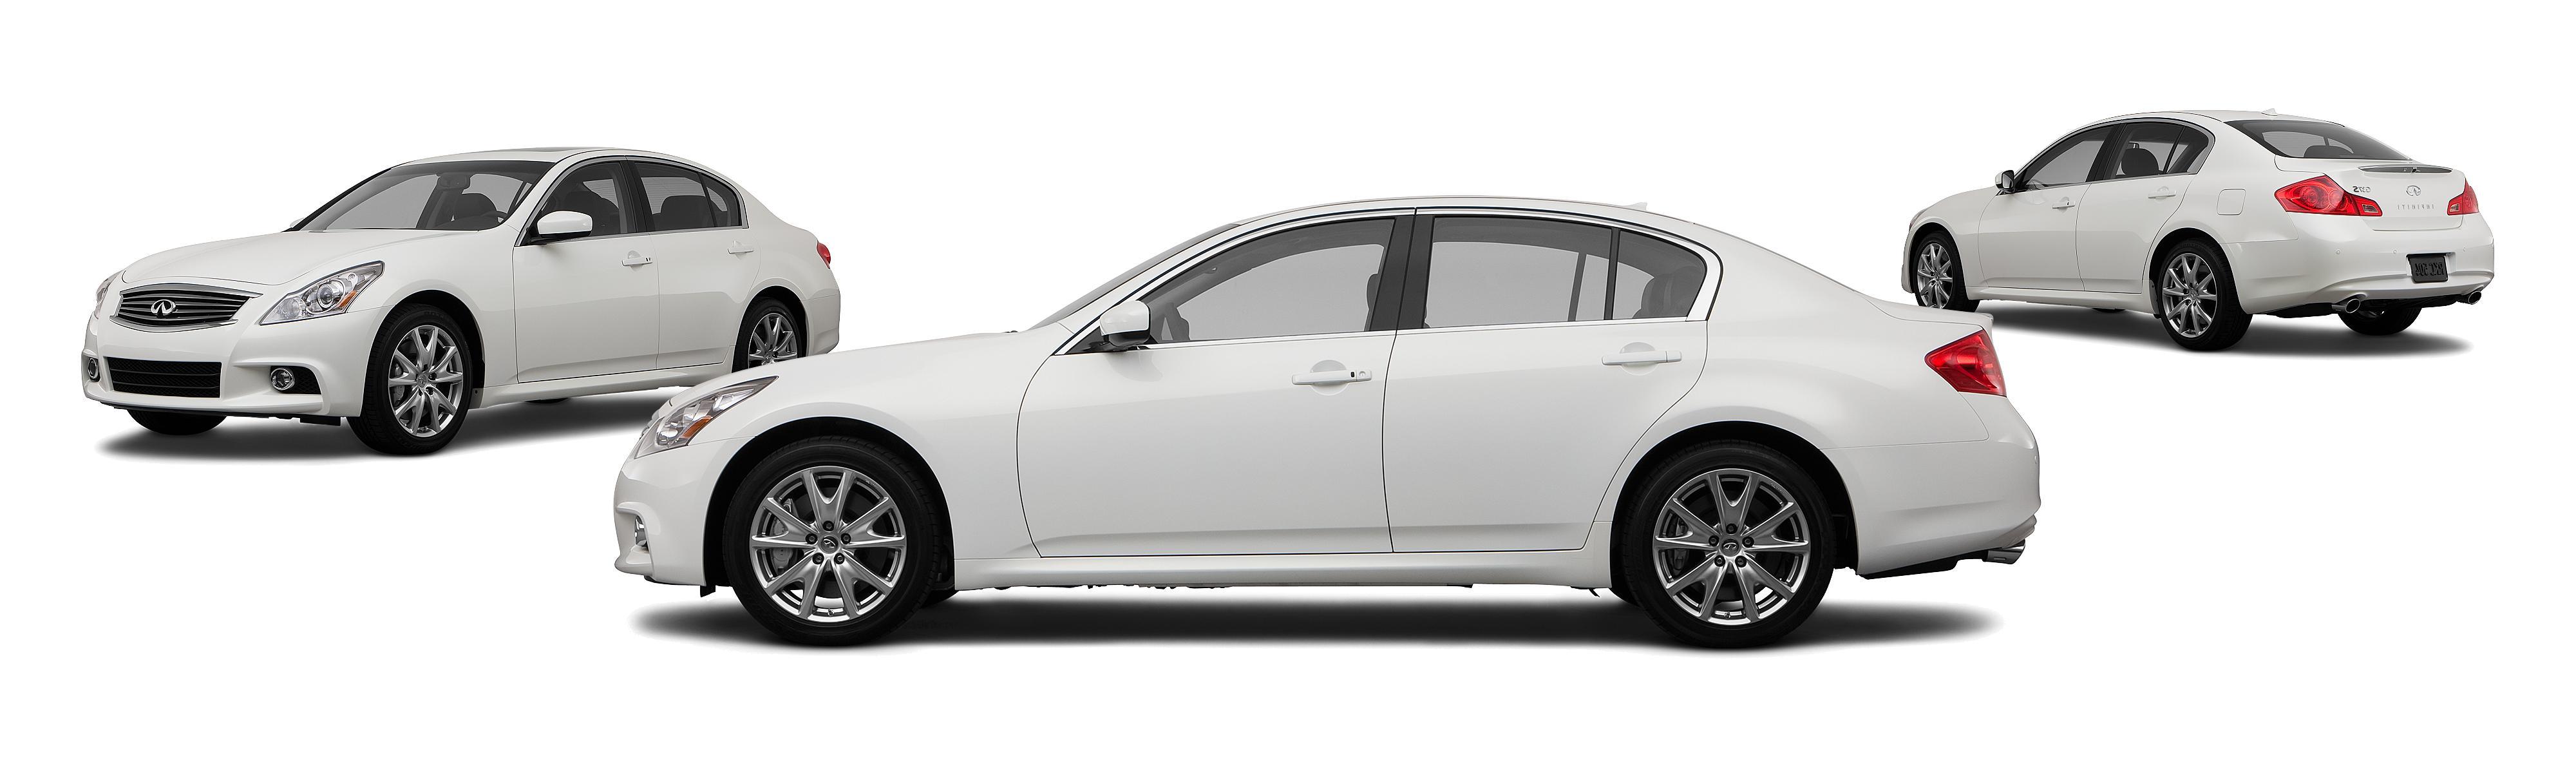 2012 Infiniti G37 Sedan Awd X 4dr Sedan Research Groovecar